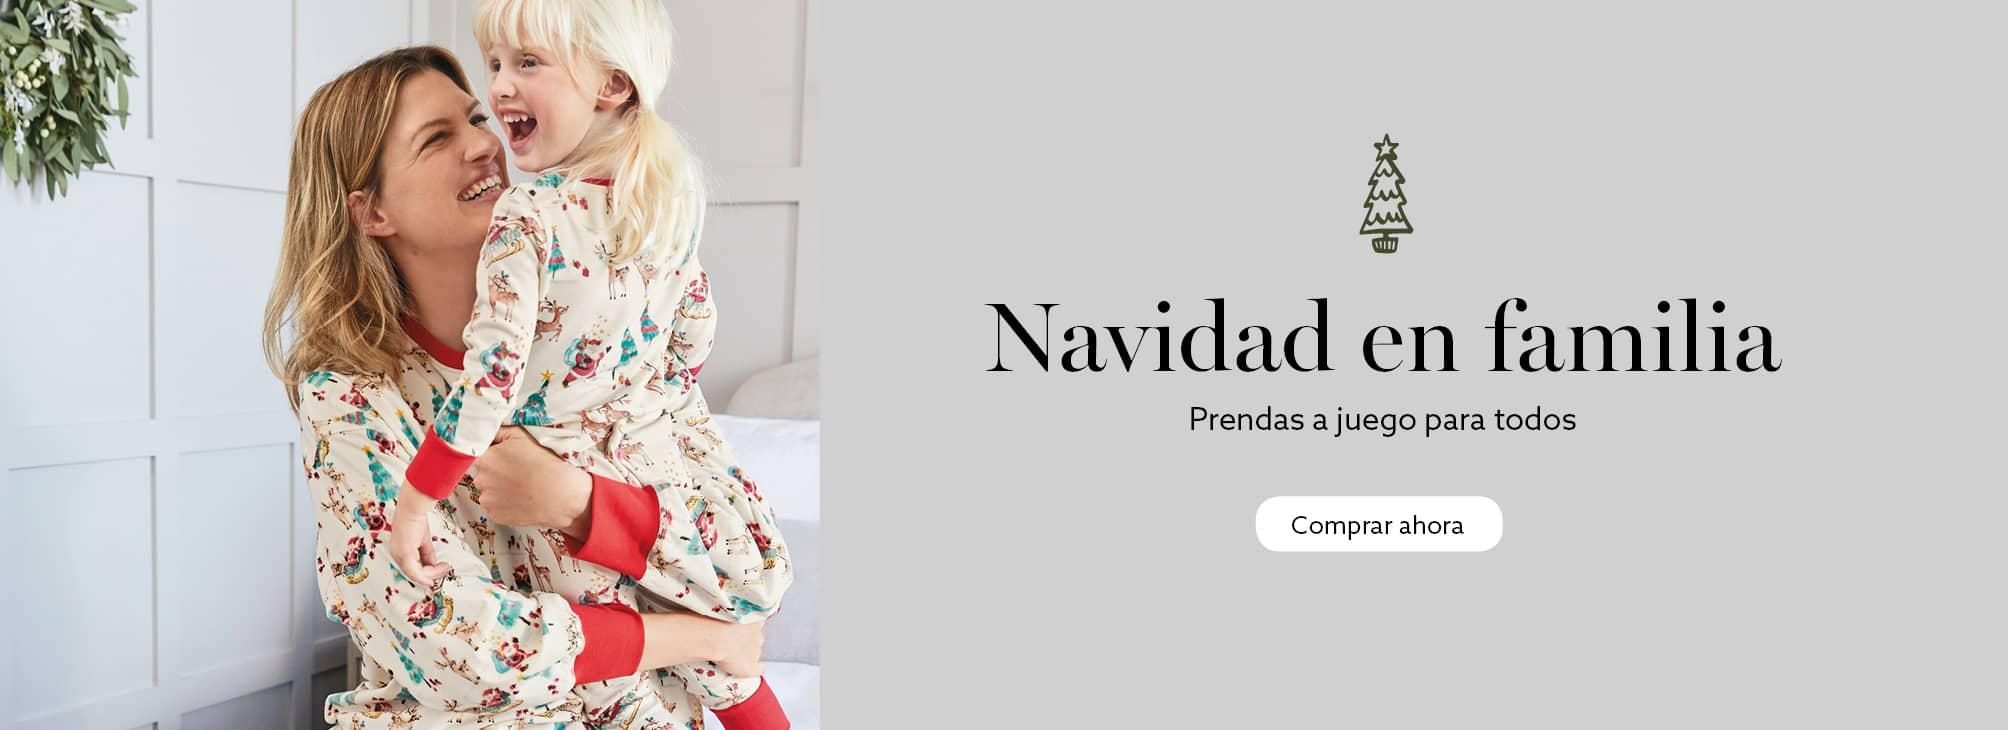 Pijamas a juego V1_Español